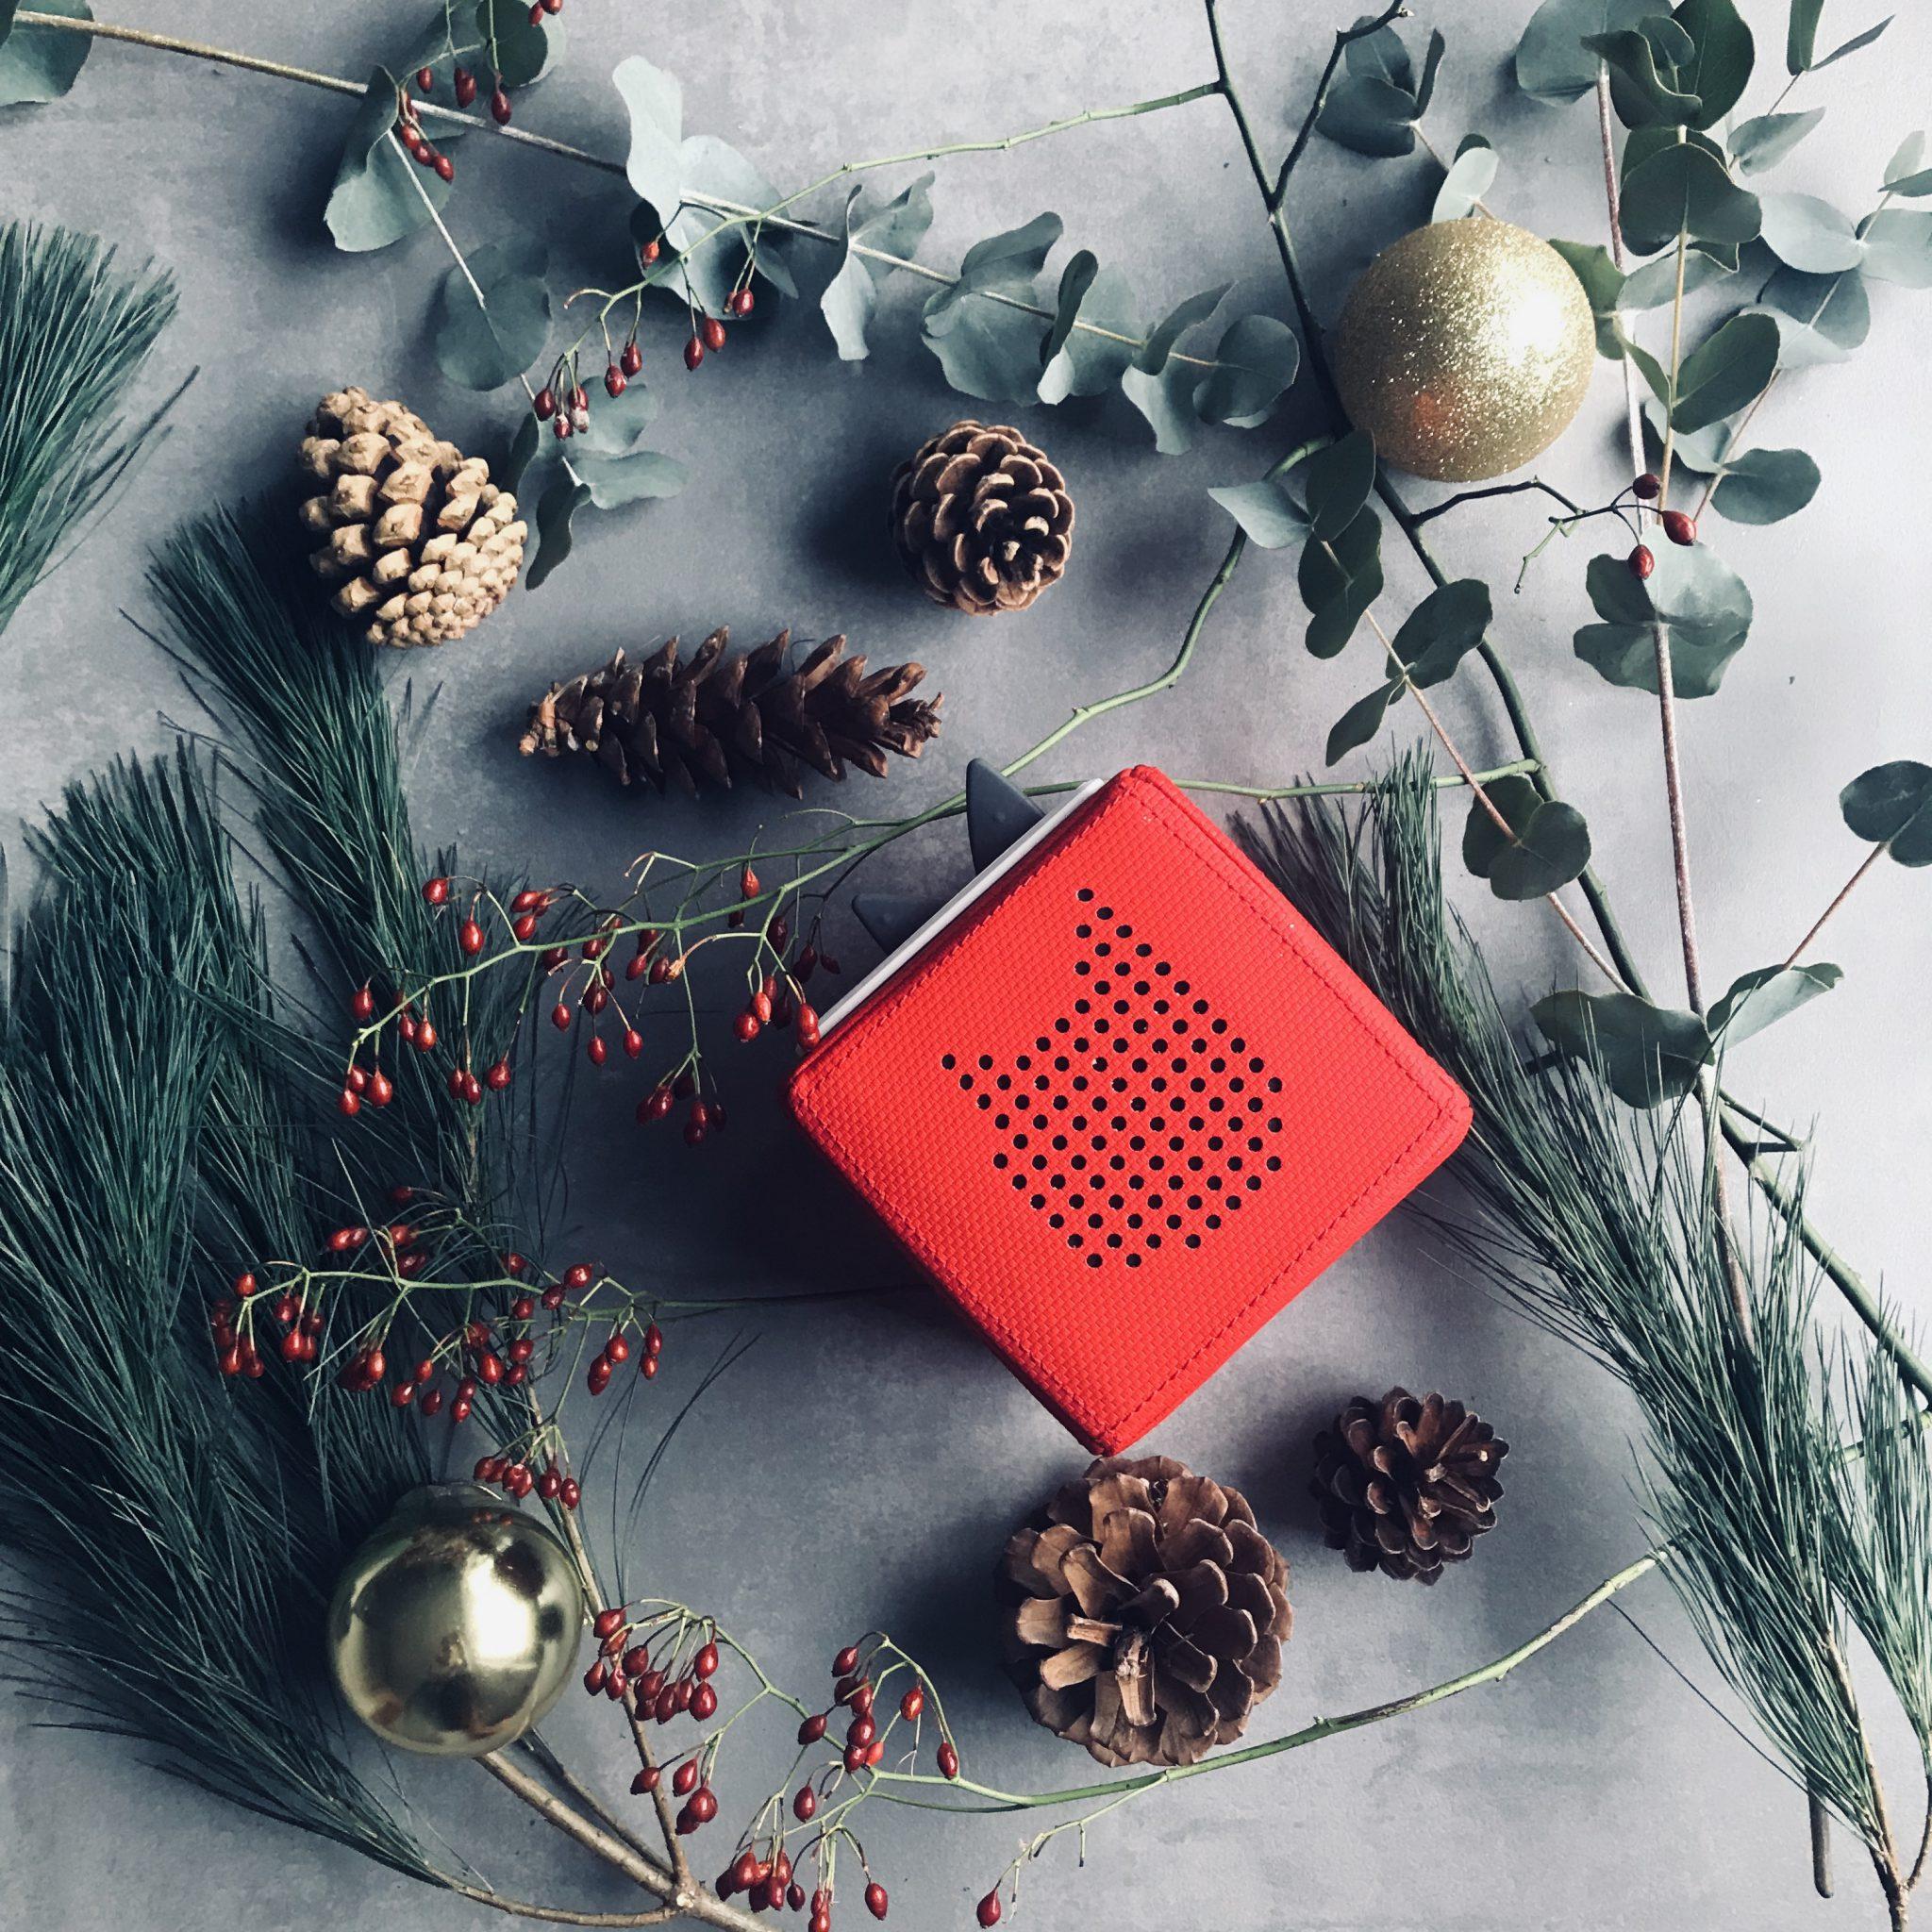 Kinder Geschenke Weihnachten 2019.Die Toniebox Ein Richtig Tolles Geschenk Für Kinder Verlosung